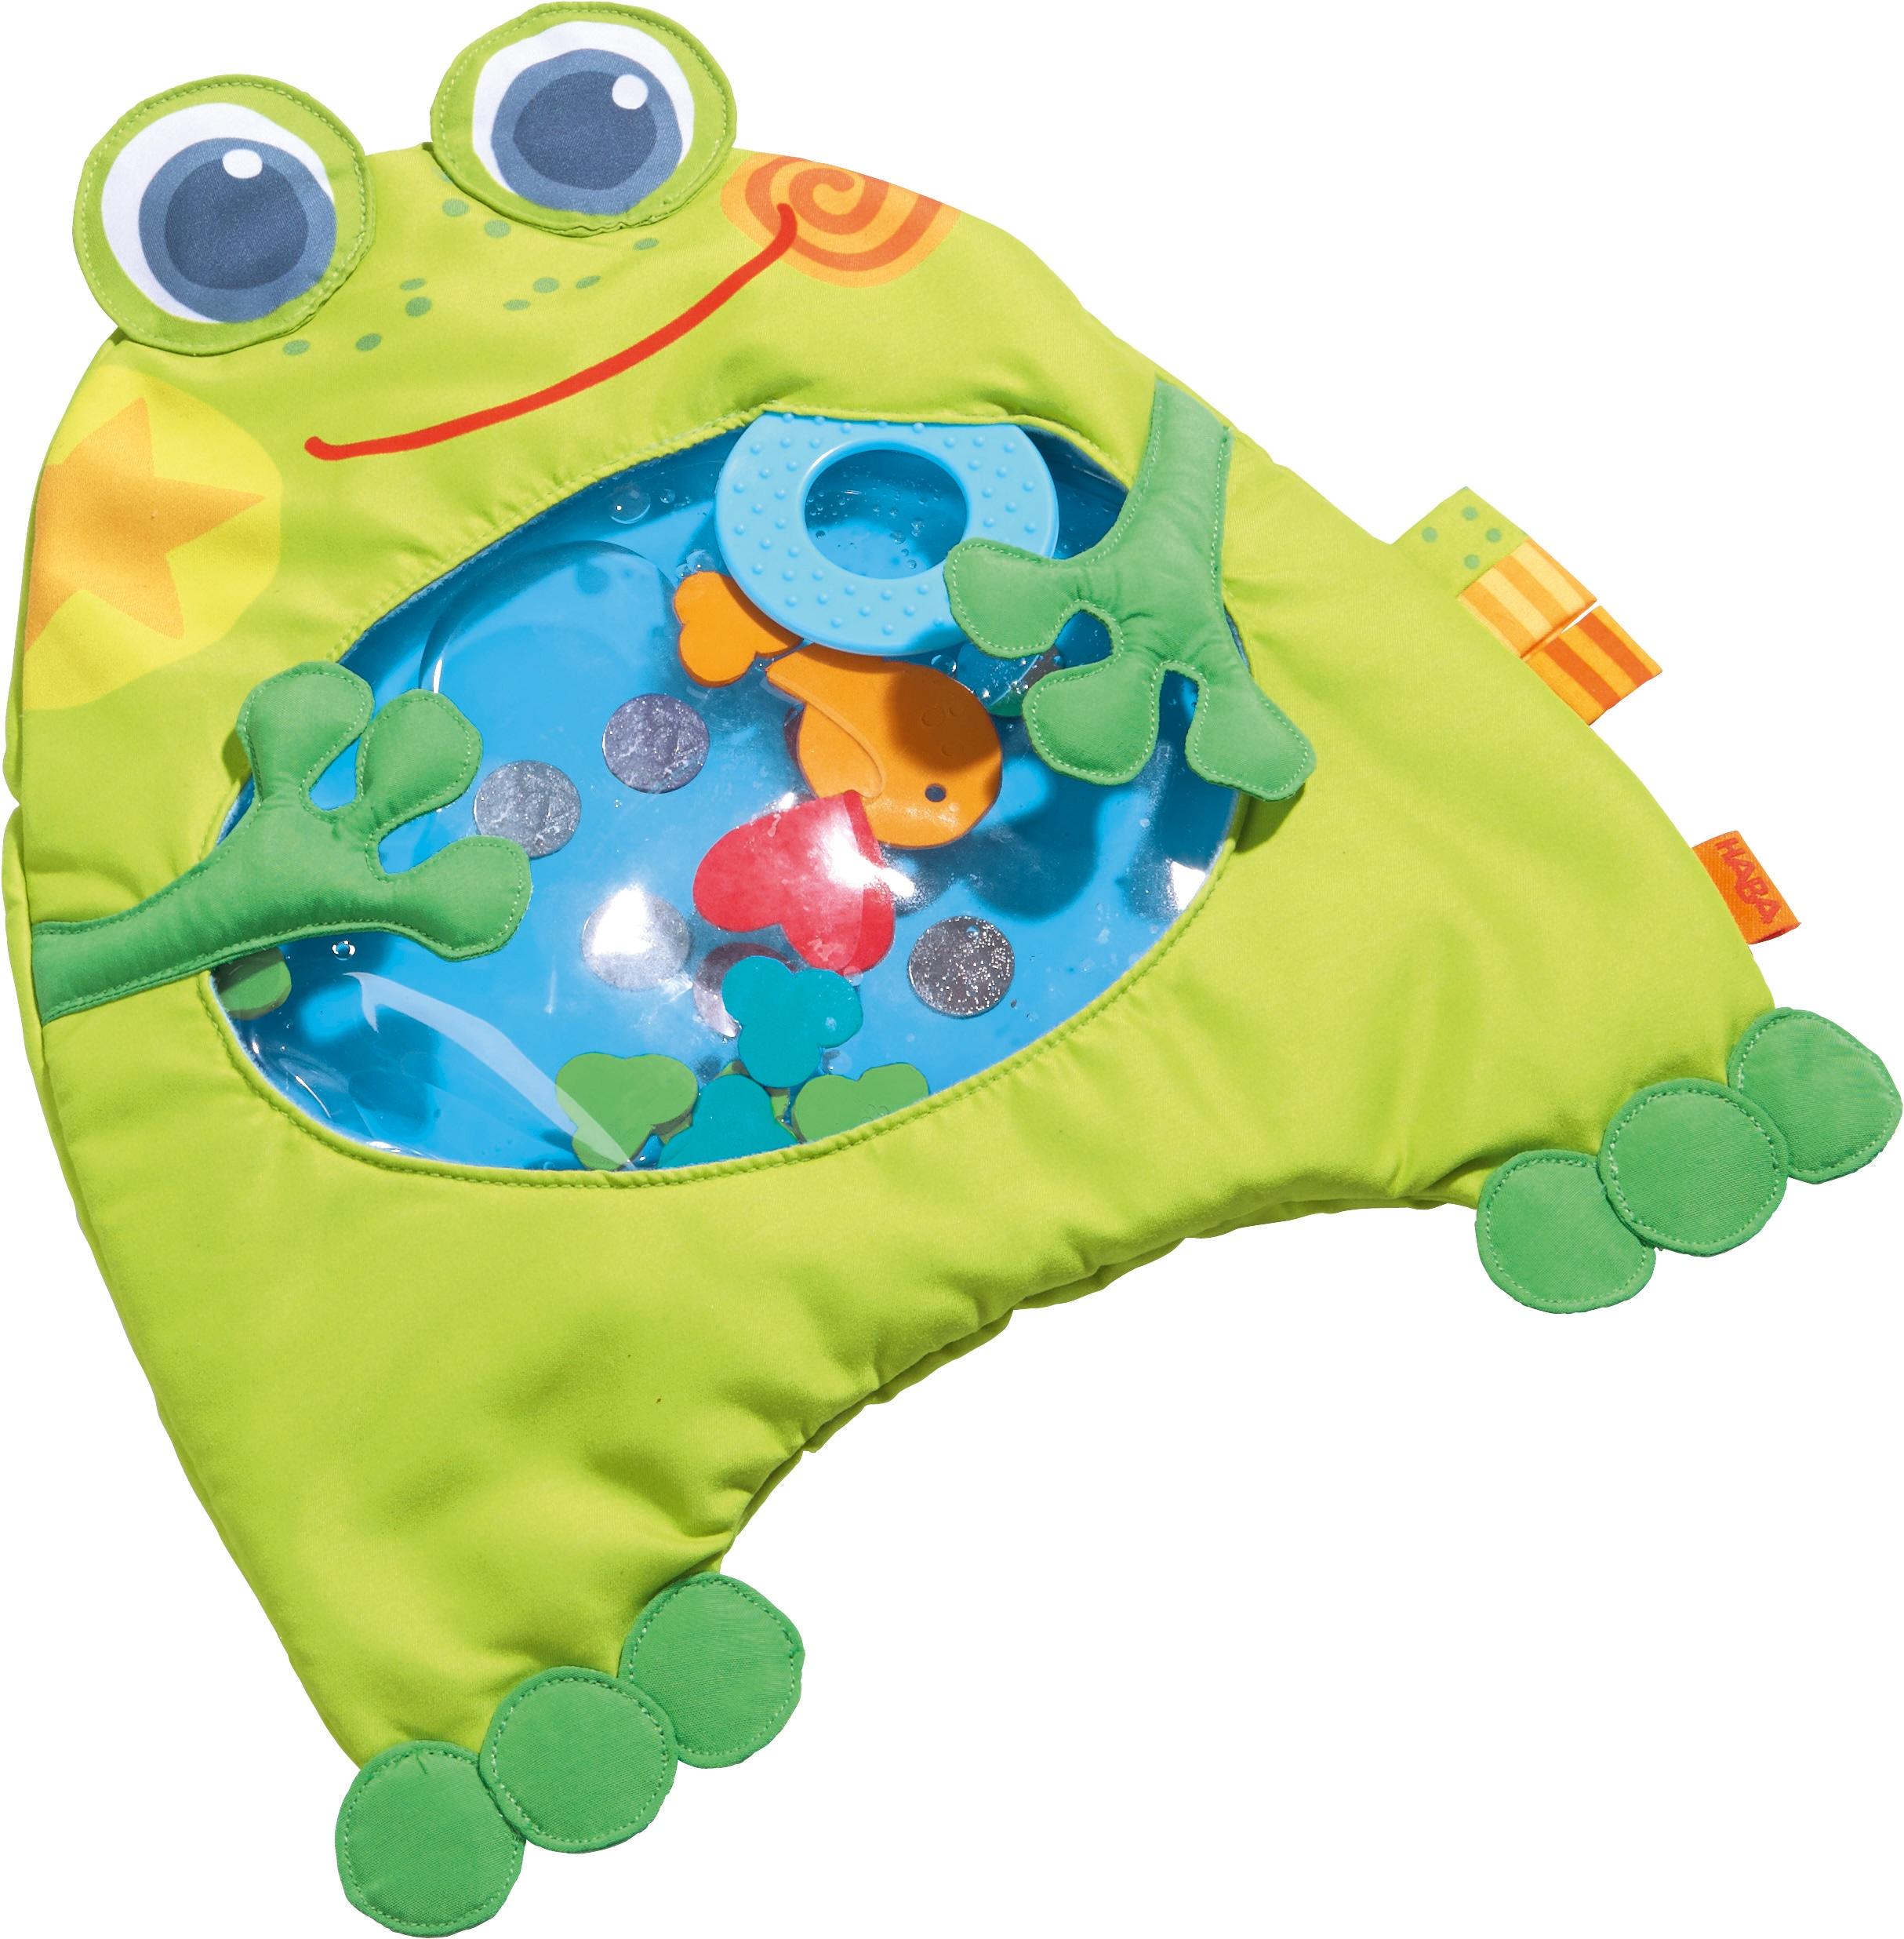 Haba Spielmatte, Kleiner Frosch bunt Kinder Lernspiele Lernspielzeug